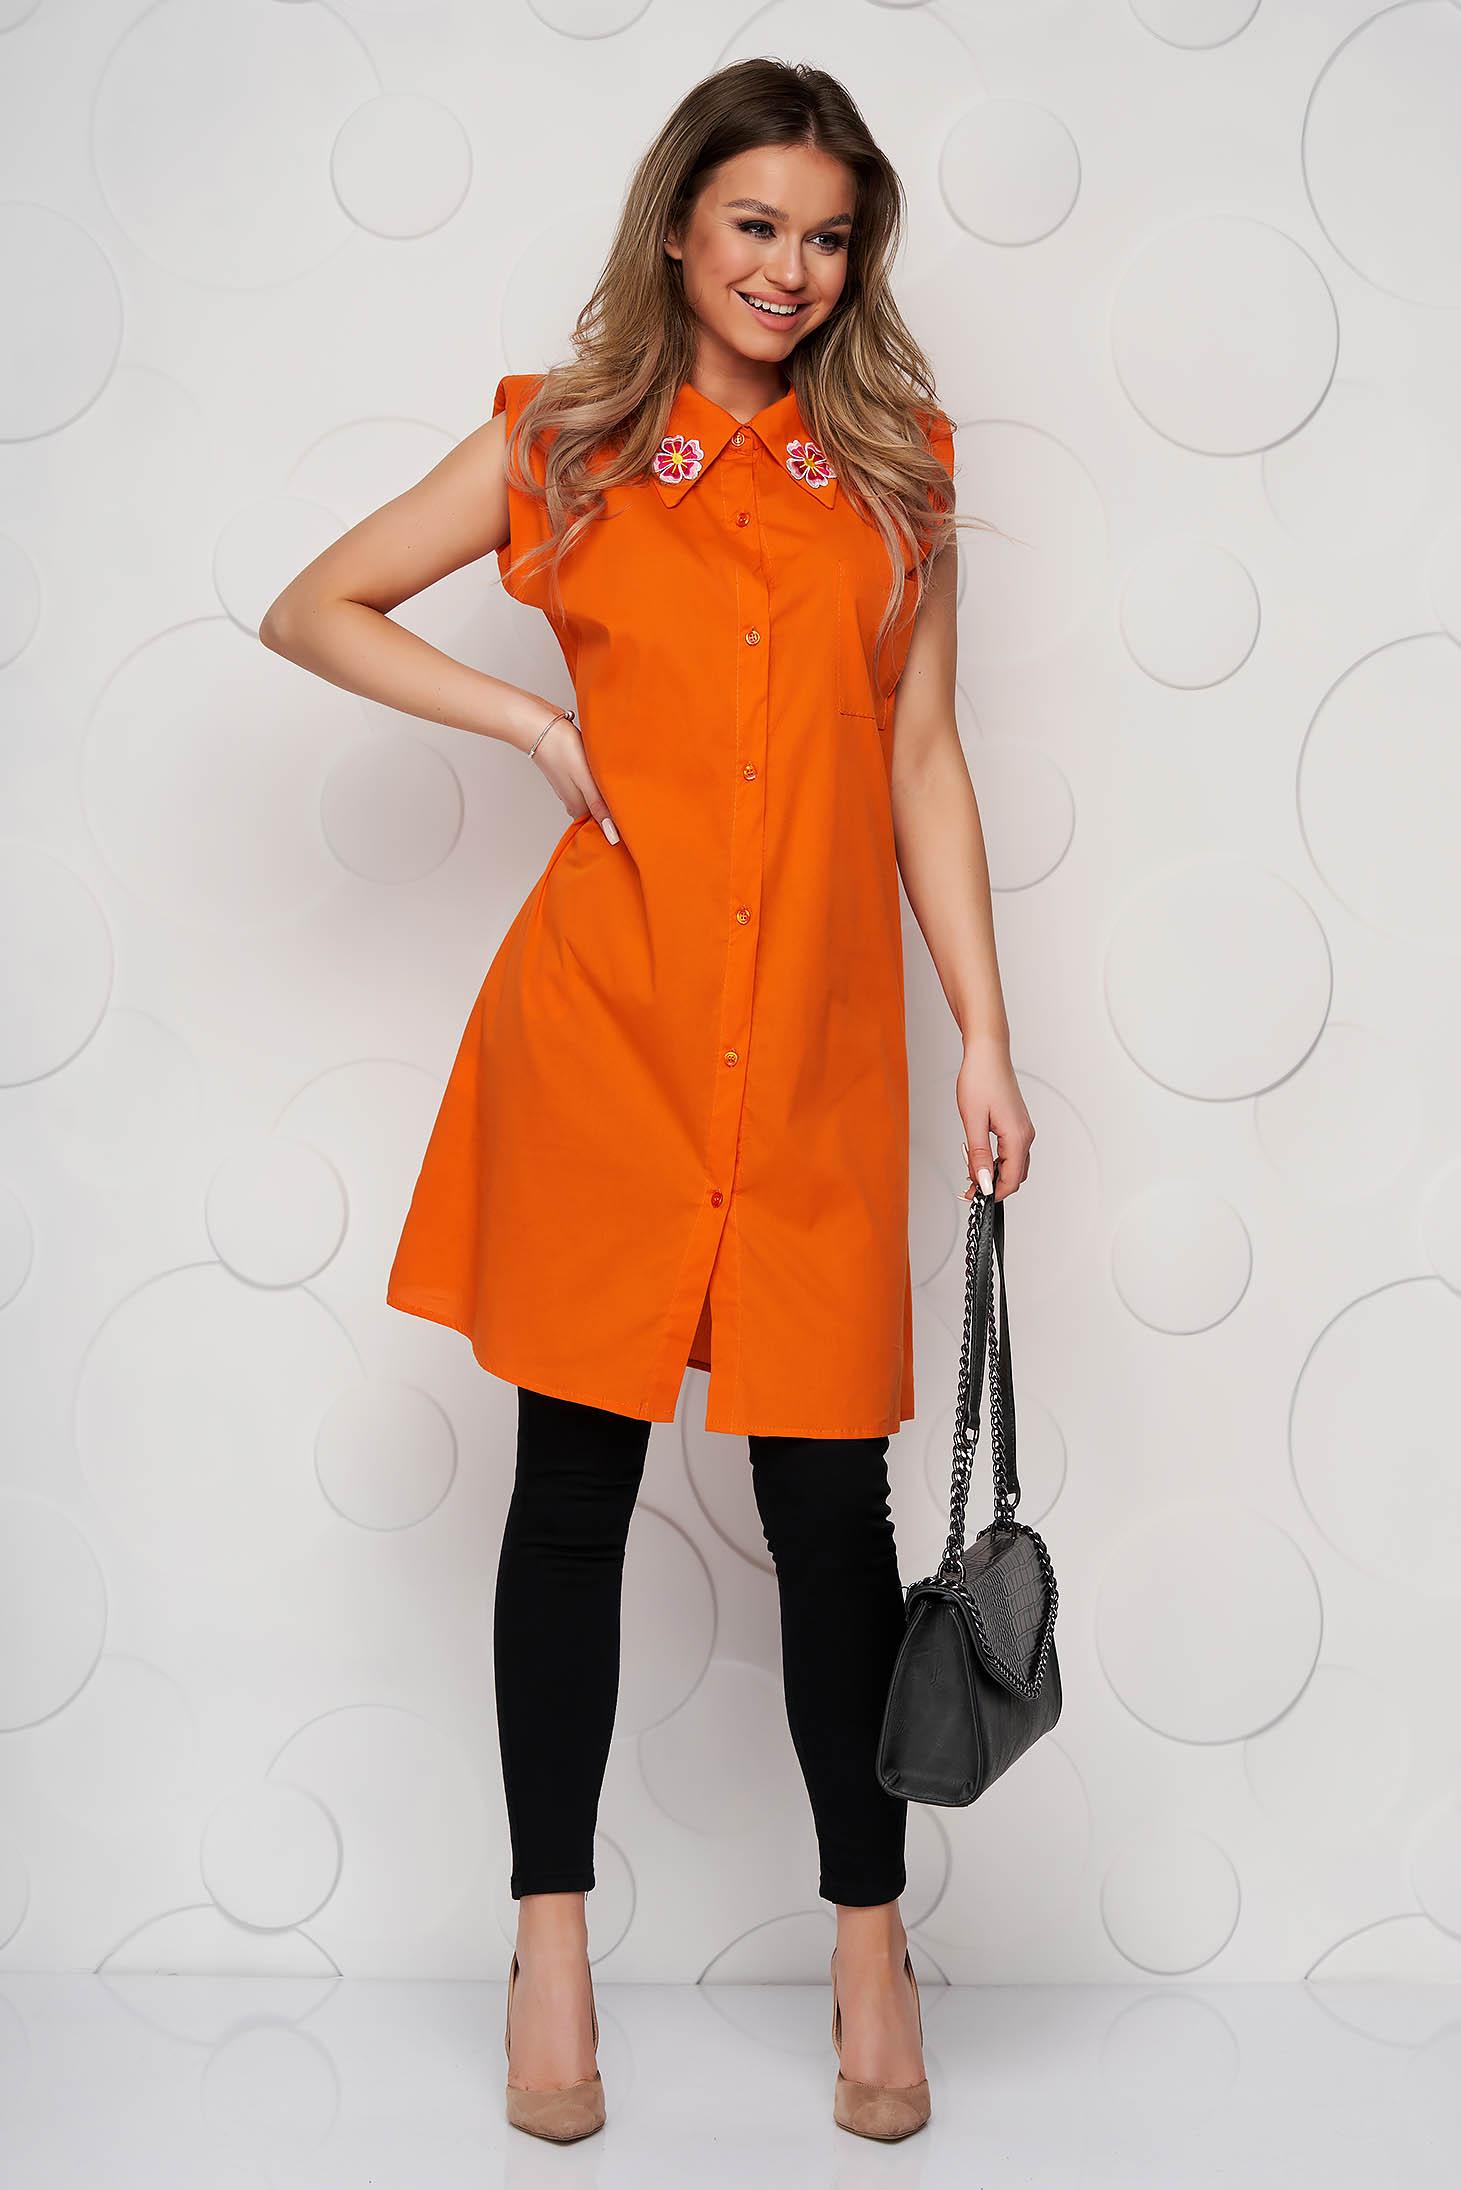 Bő szabású hímzett narancssárga női ing vékony szövetből rövid ujjakkal